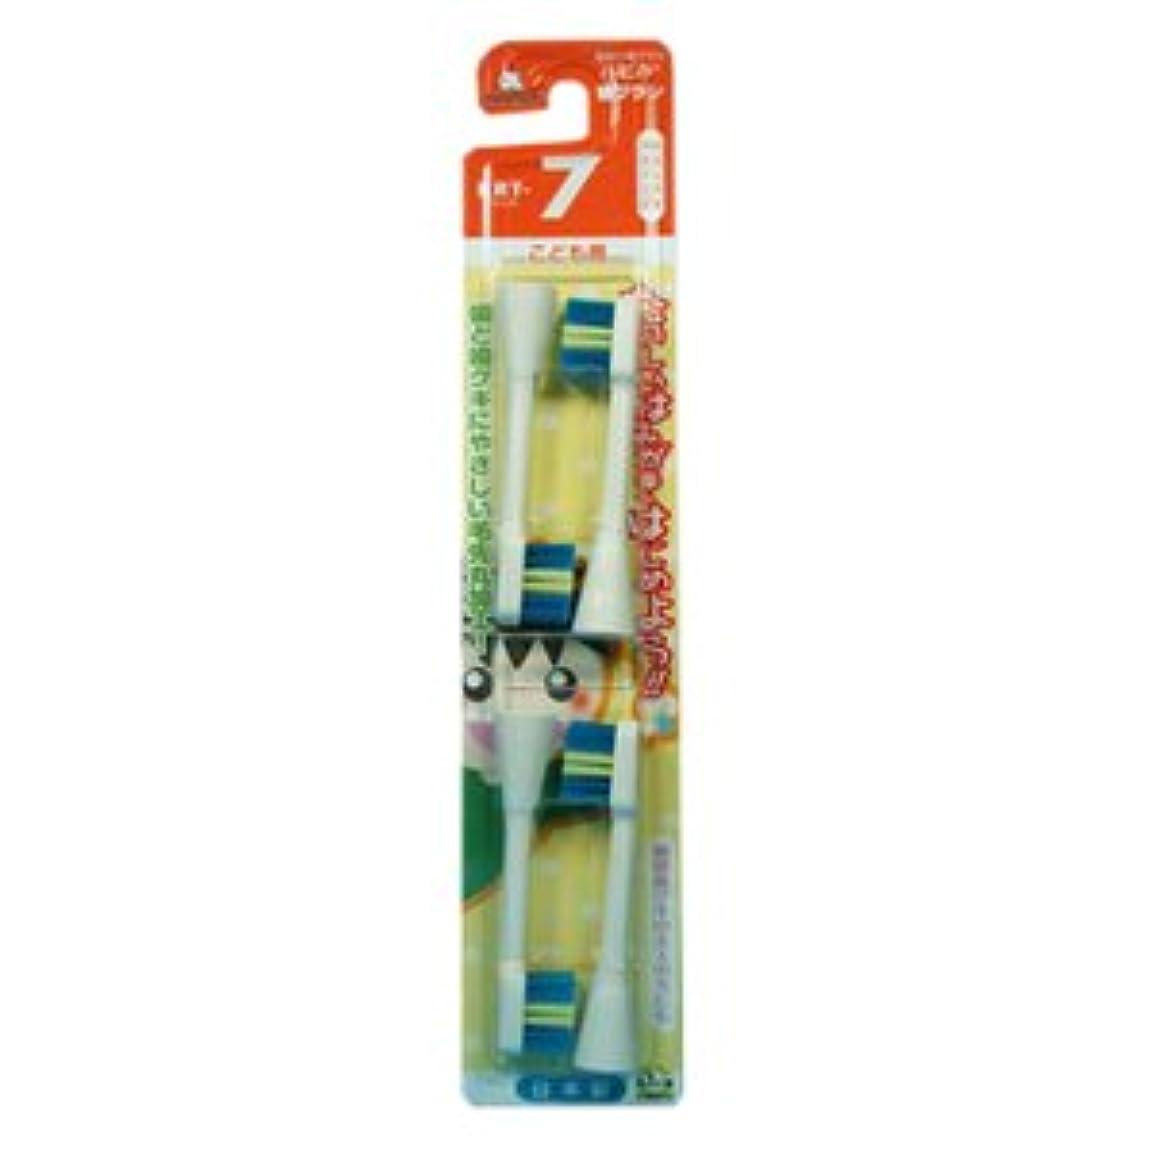 物語絵学習者ミニマム 電動付歯ブラシ ハピカ 専用替ブラシ こども用 毛の硬さ:やわらかめ BRT-7 4個入